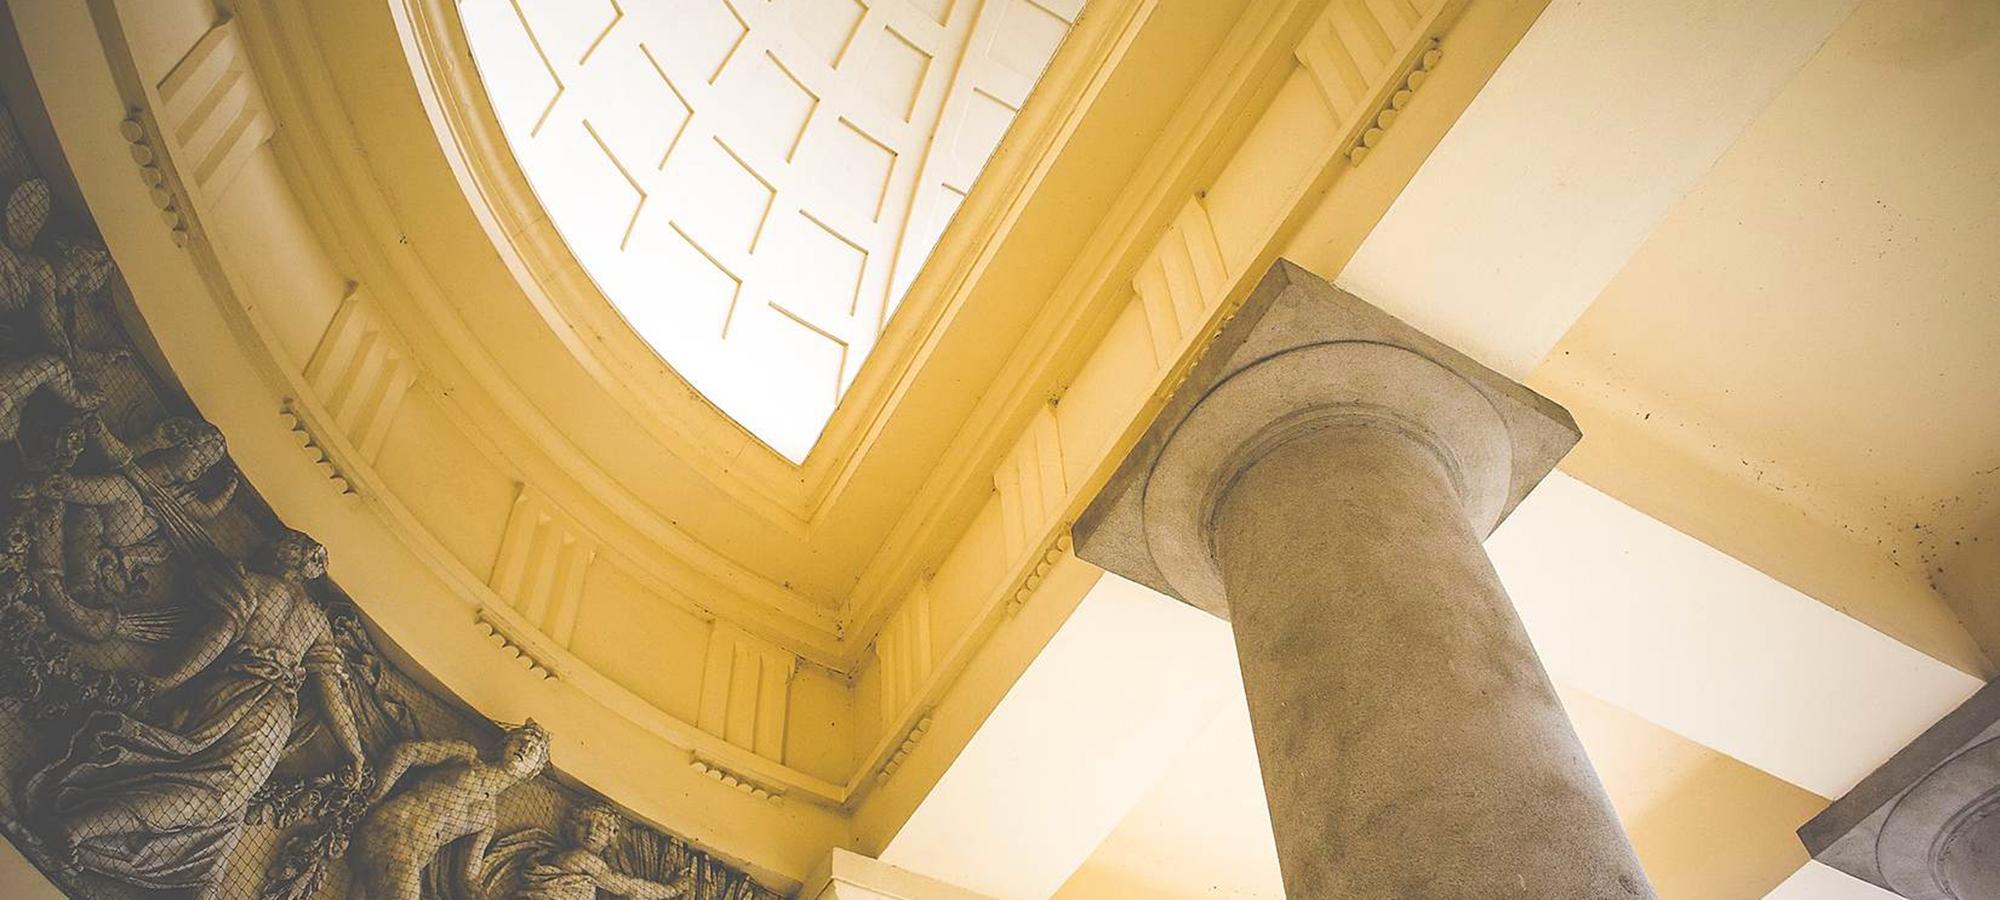 Urgent marseille agence recherche architecte ou for Dessinateur d architecte